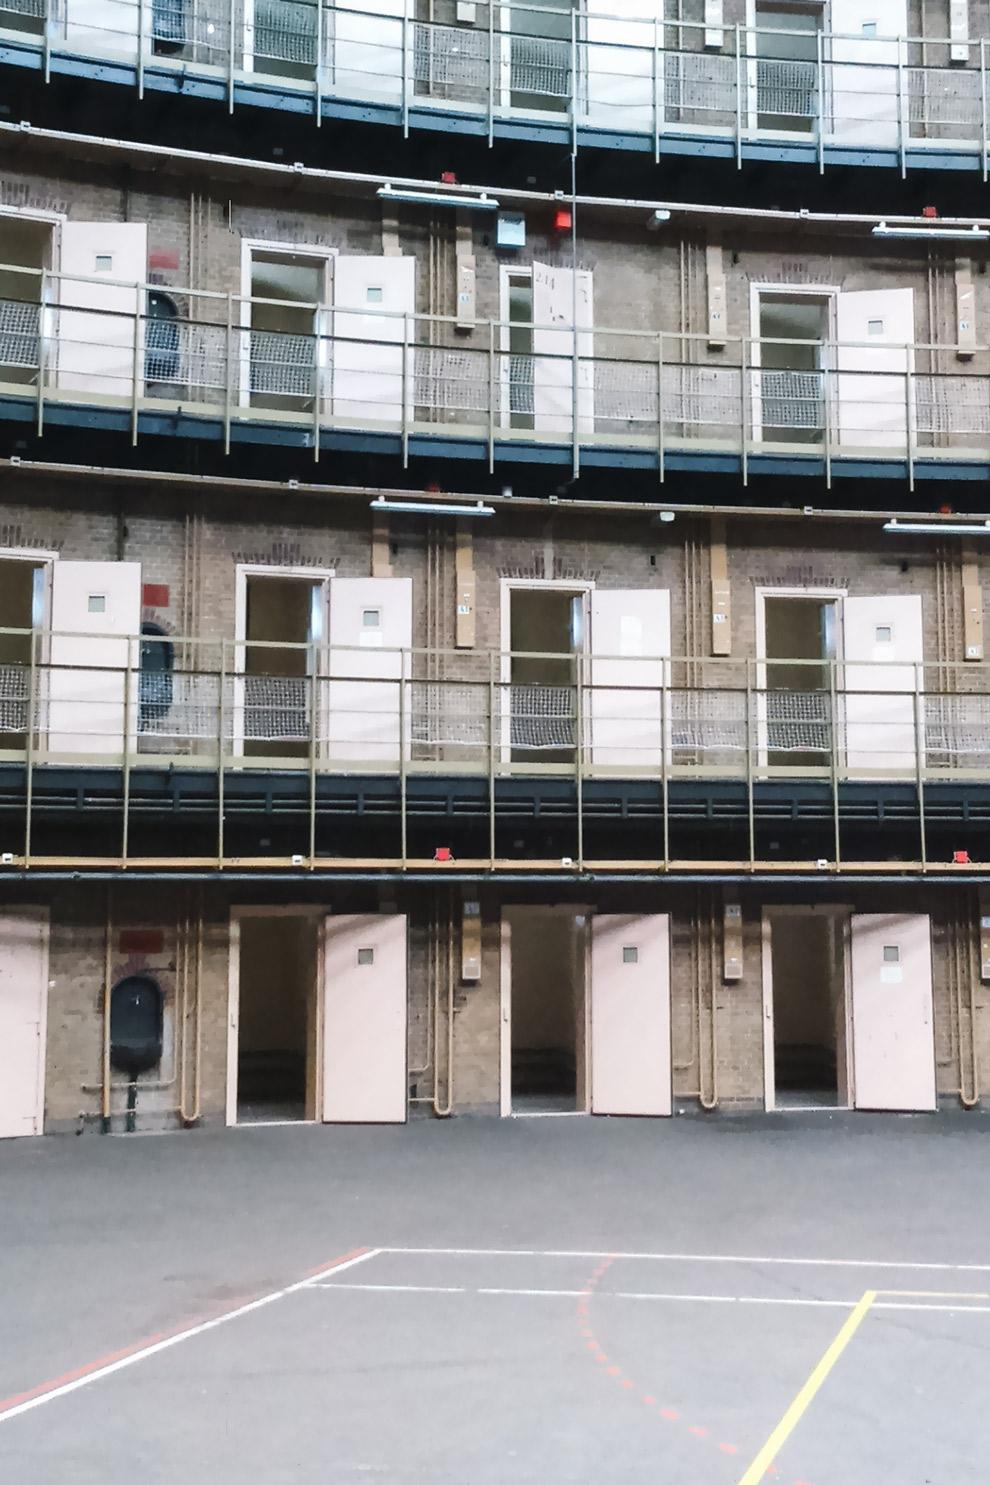 Koepelgevangenis in Haarlem